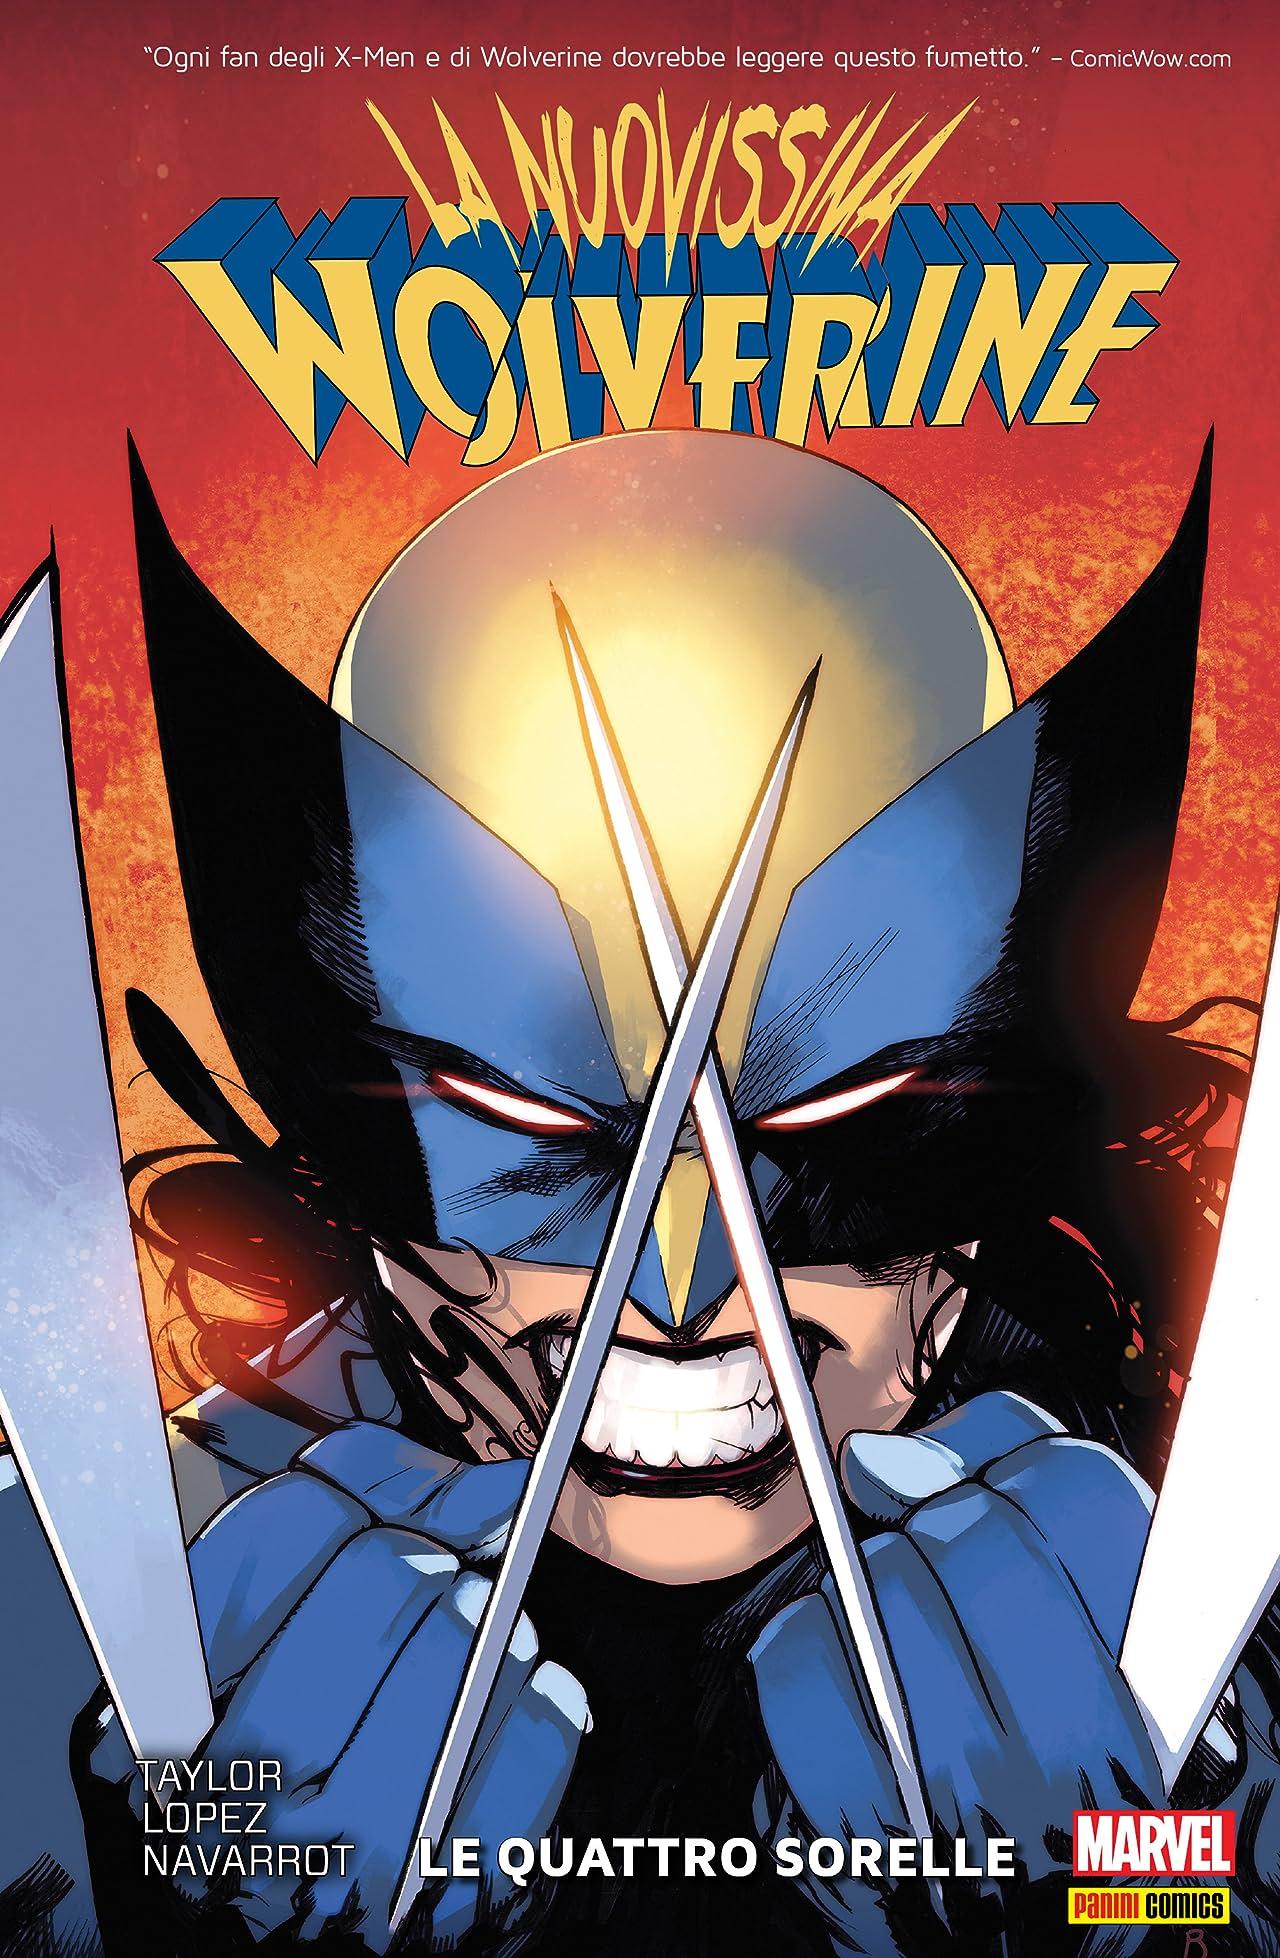 La Nuovissima Wolverine Vol. 1: Le Quattro Sorelle